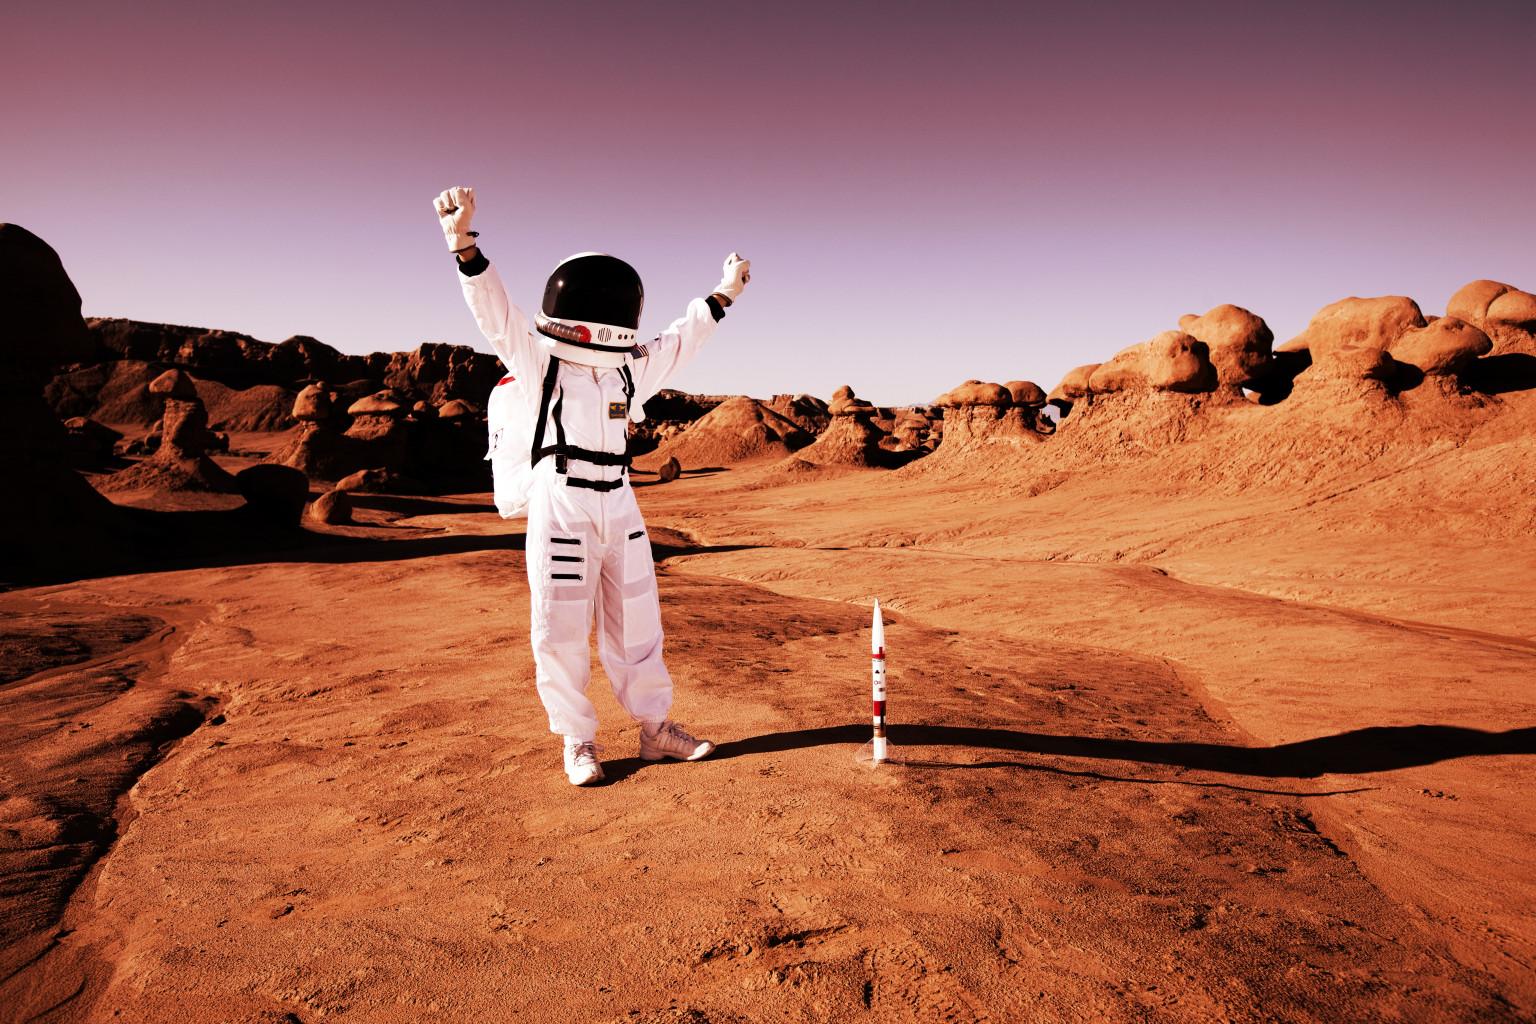 The Martian Parent